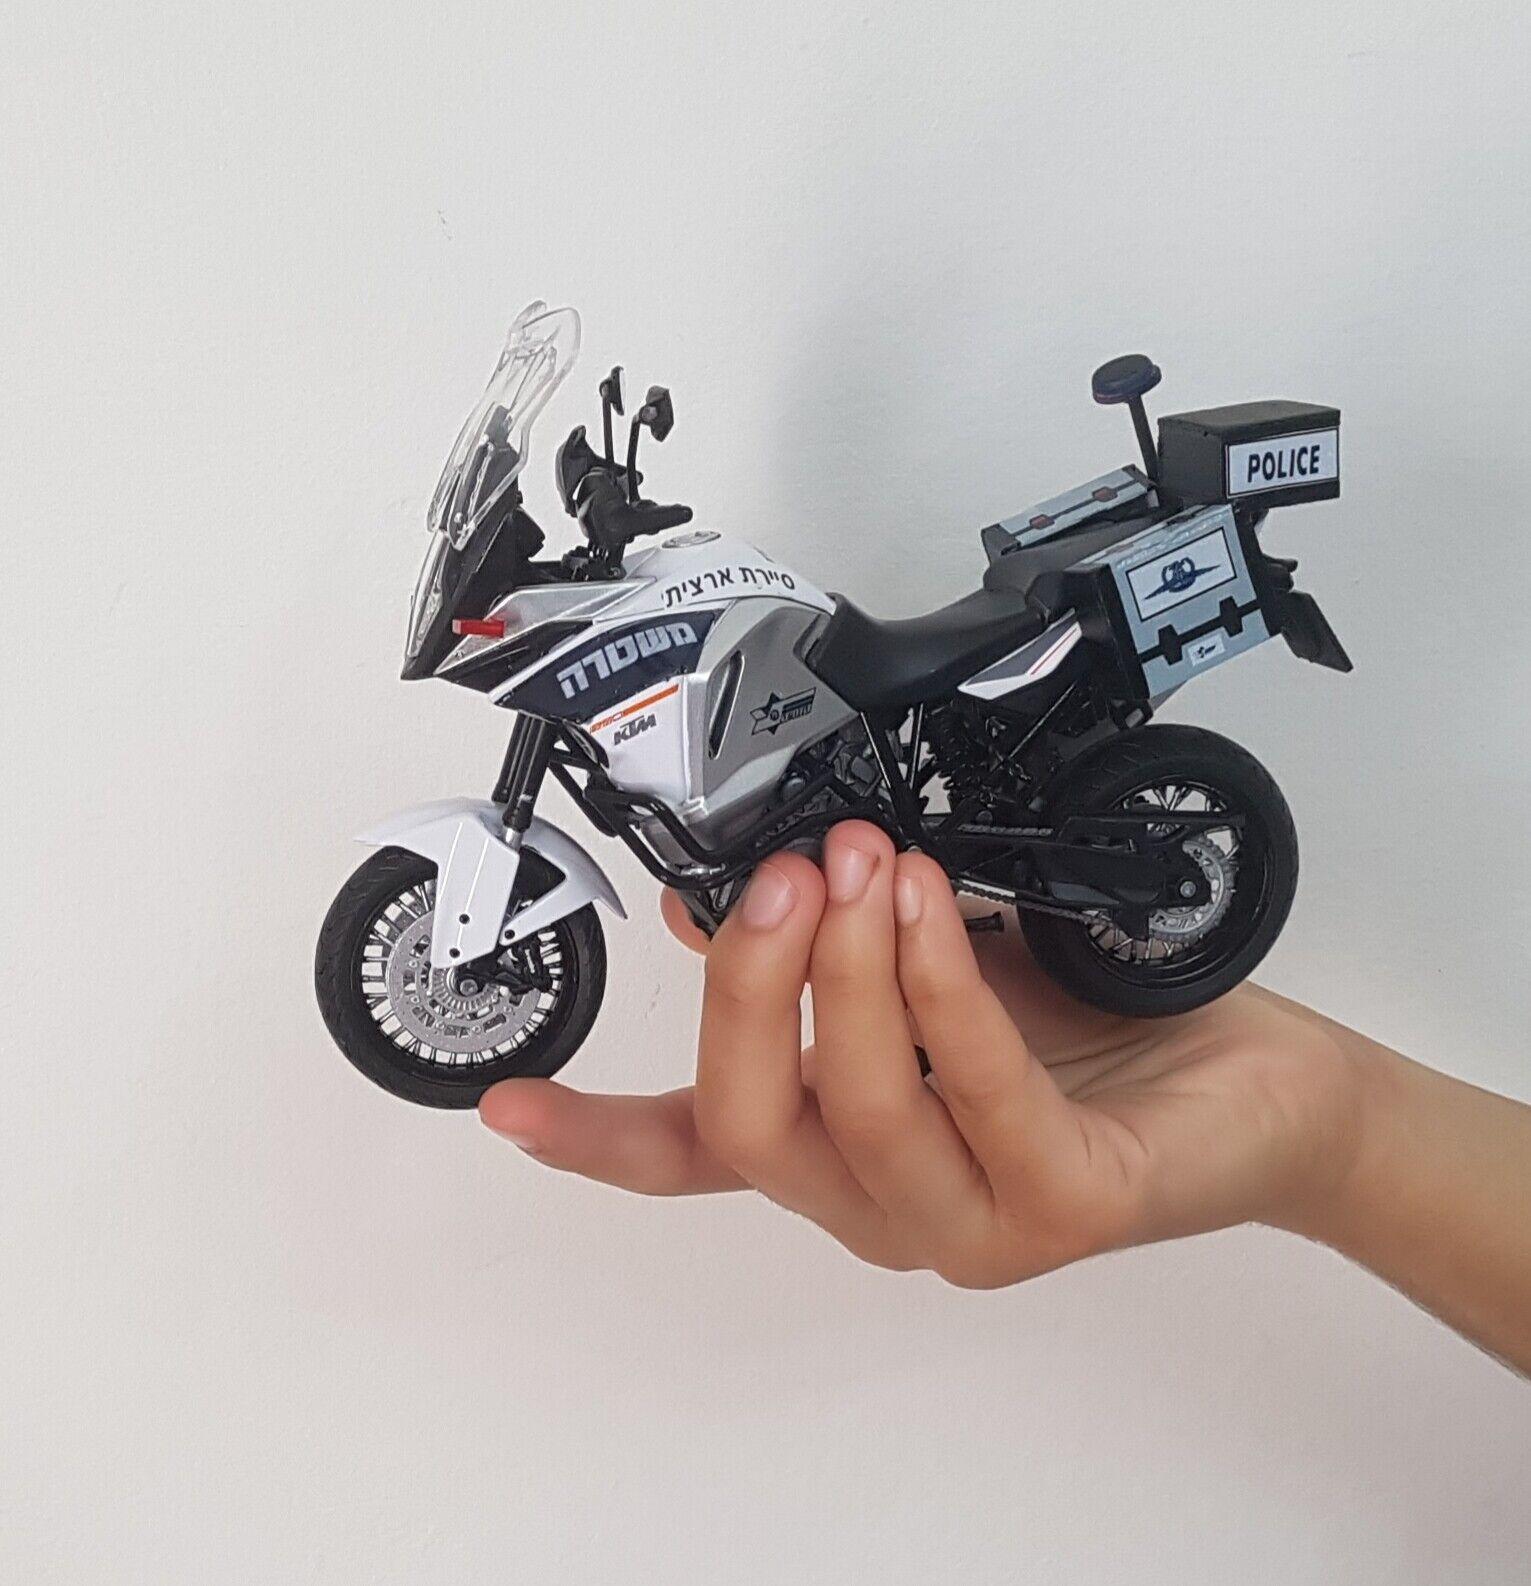 ULTRA RARE ISRAEL POLICE MOTO KTM SUPER AVENTURE échelle 1290 Modèle 1 12